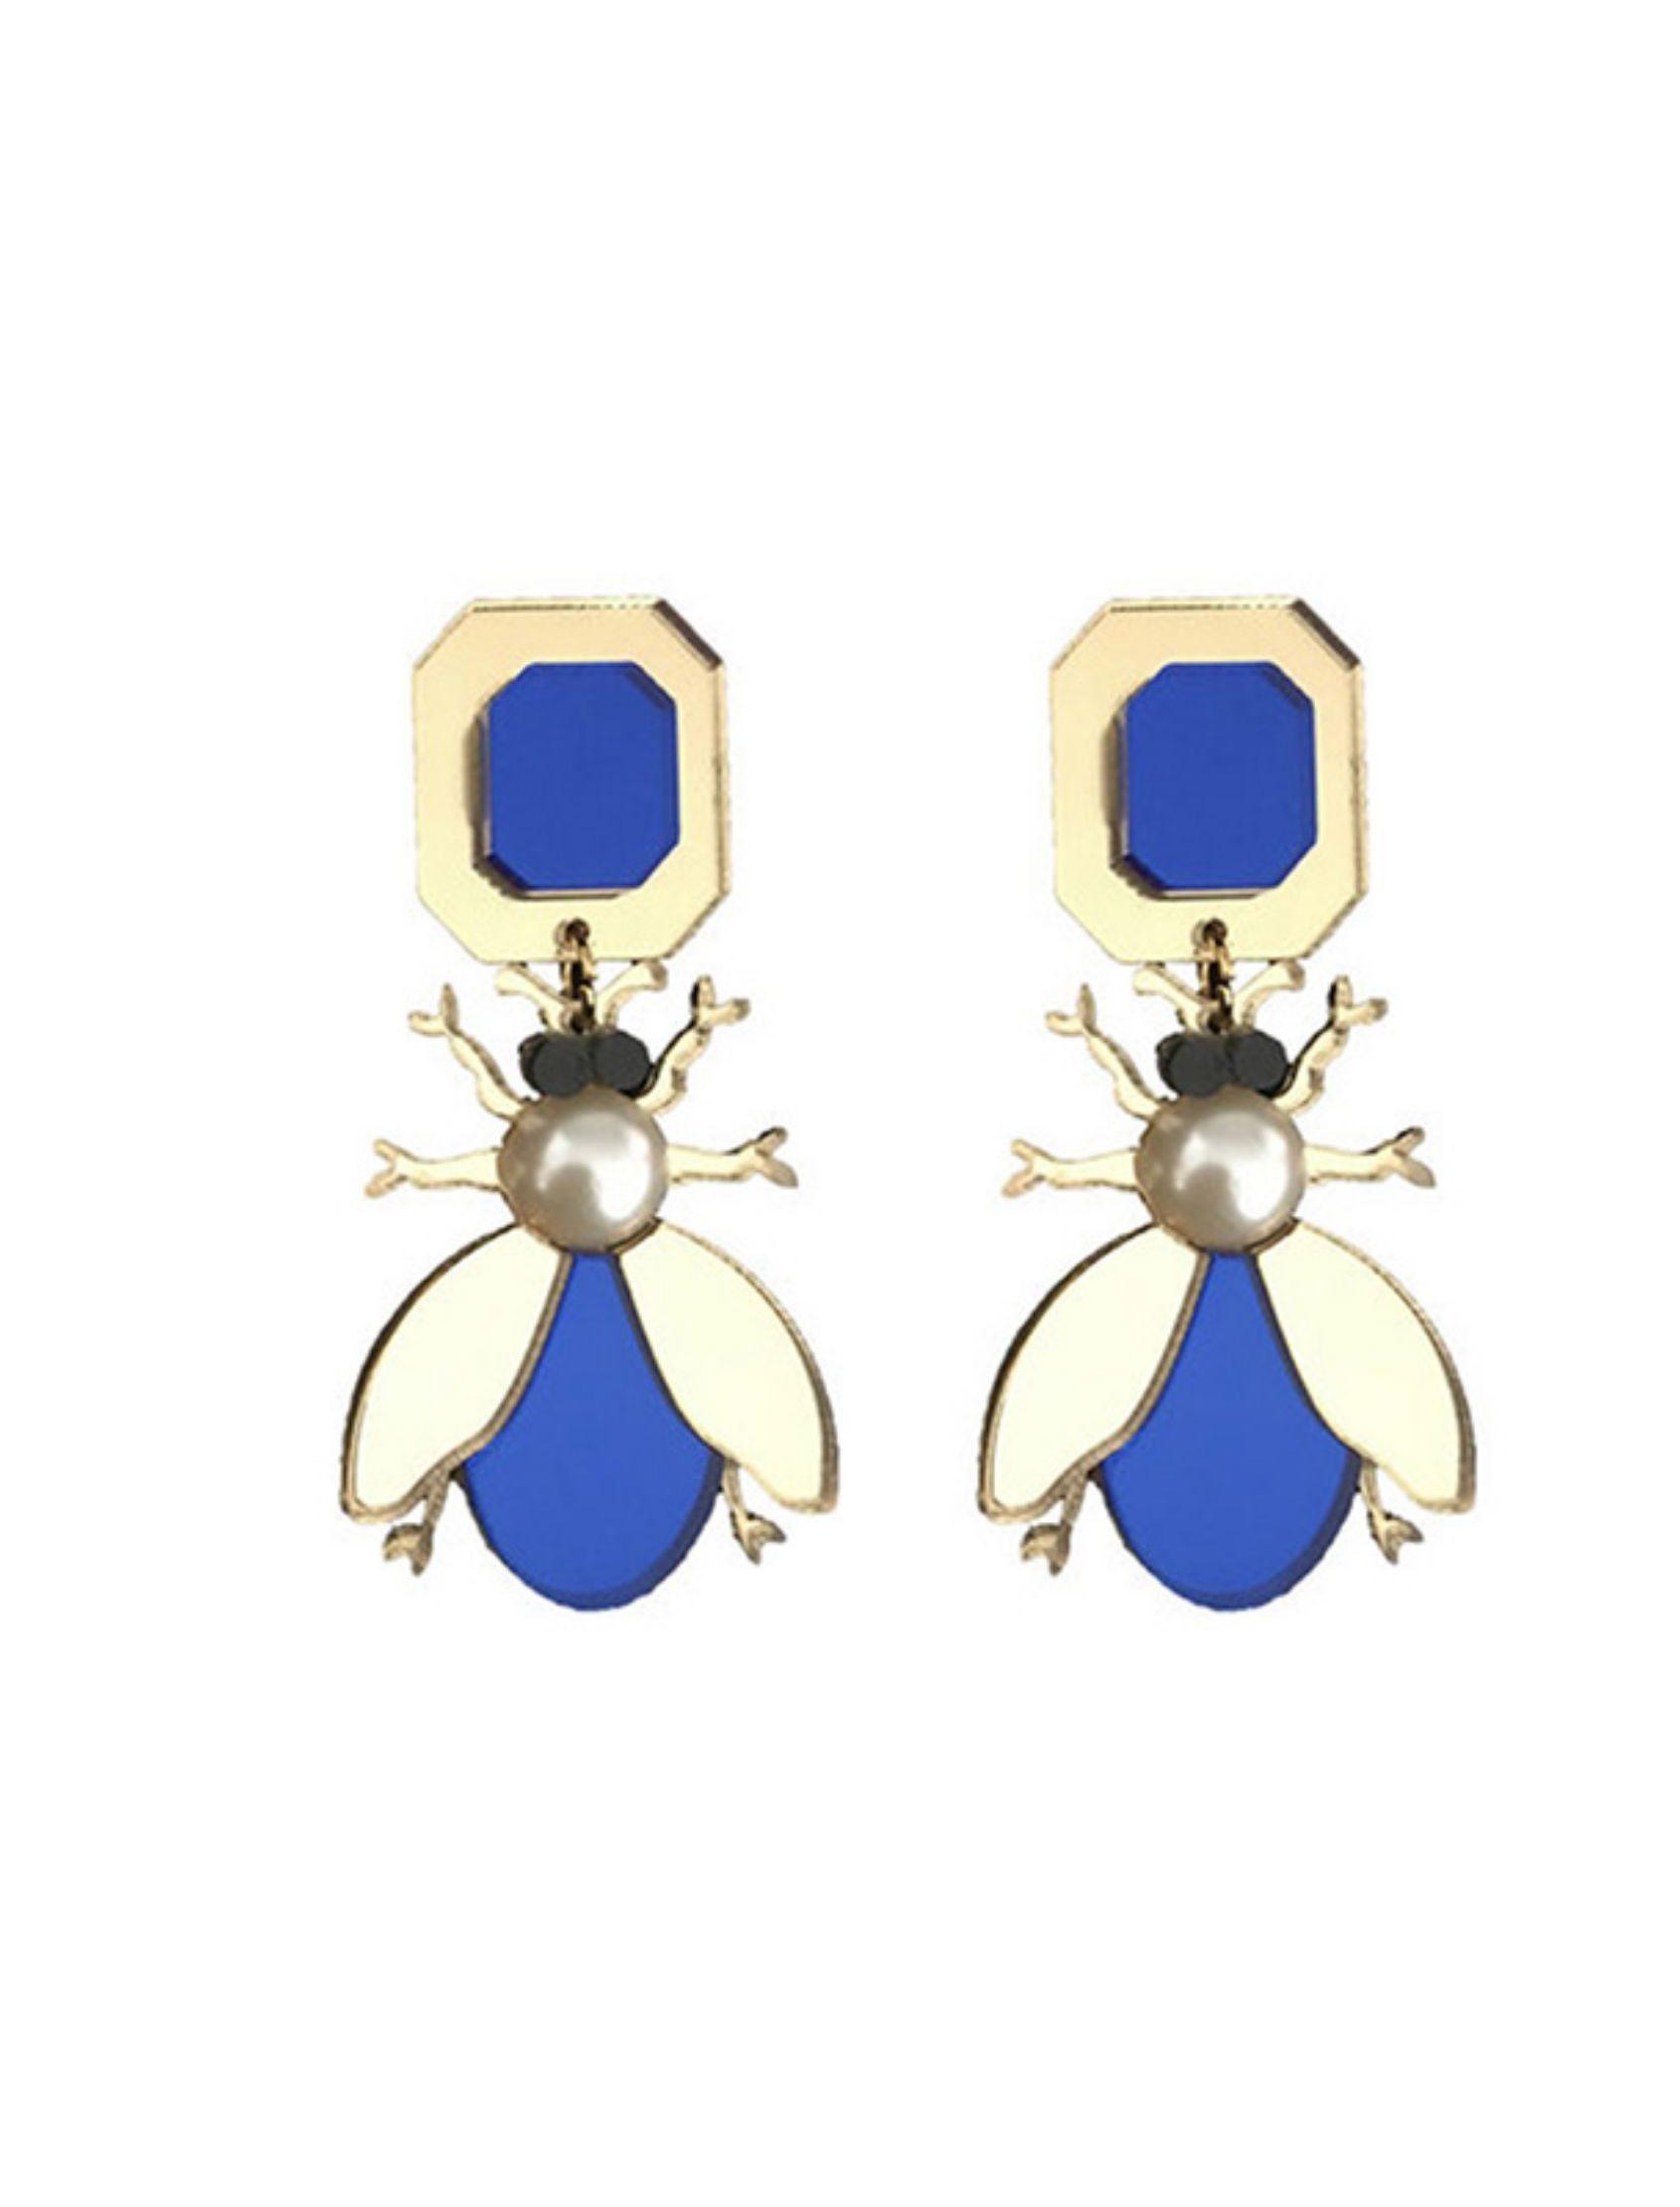 pendientes beetle de metacrilato con forma de escarabajo en azul y dorado